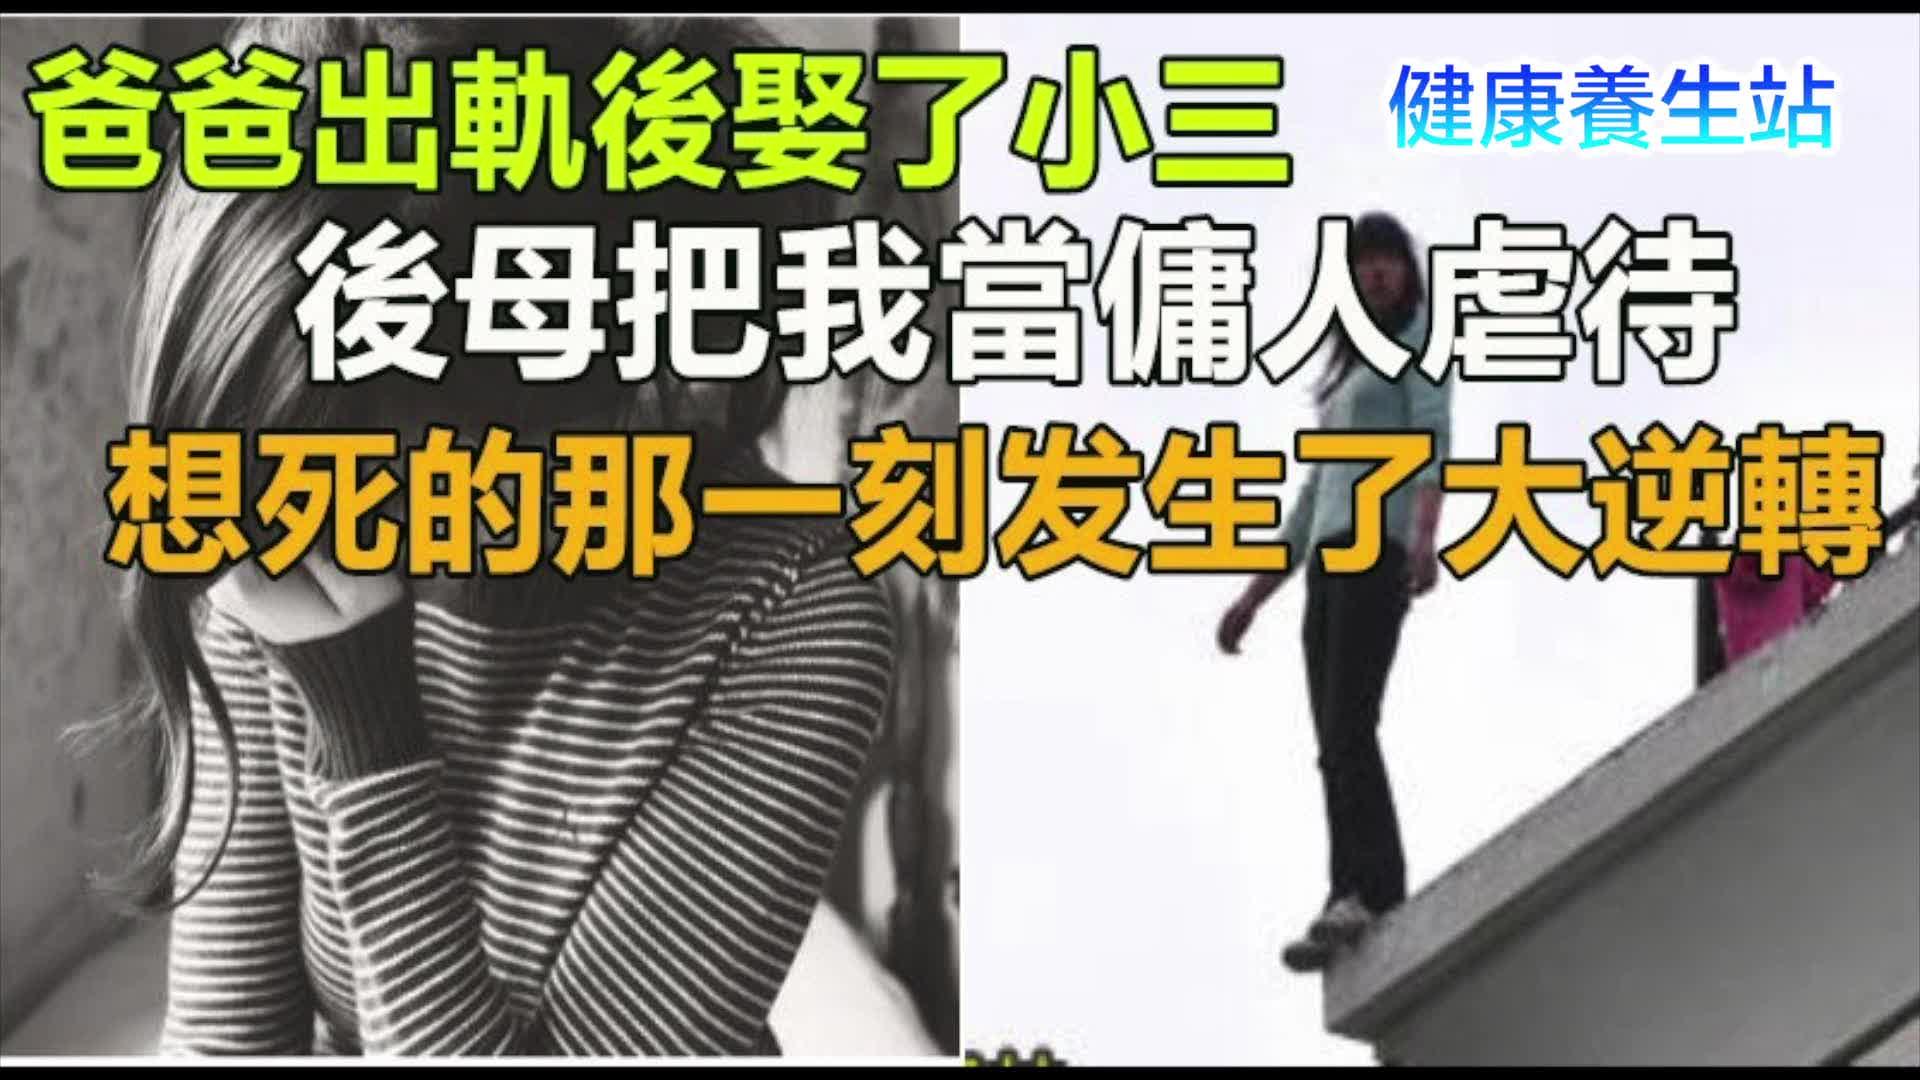 郑州小三劝退公司_上海分离小三公司_杭州分离小三